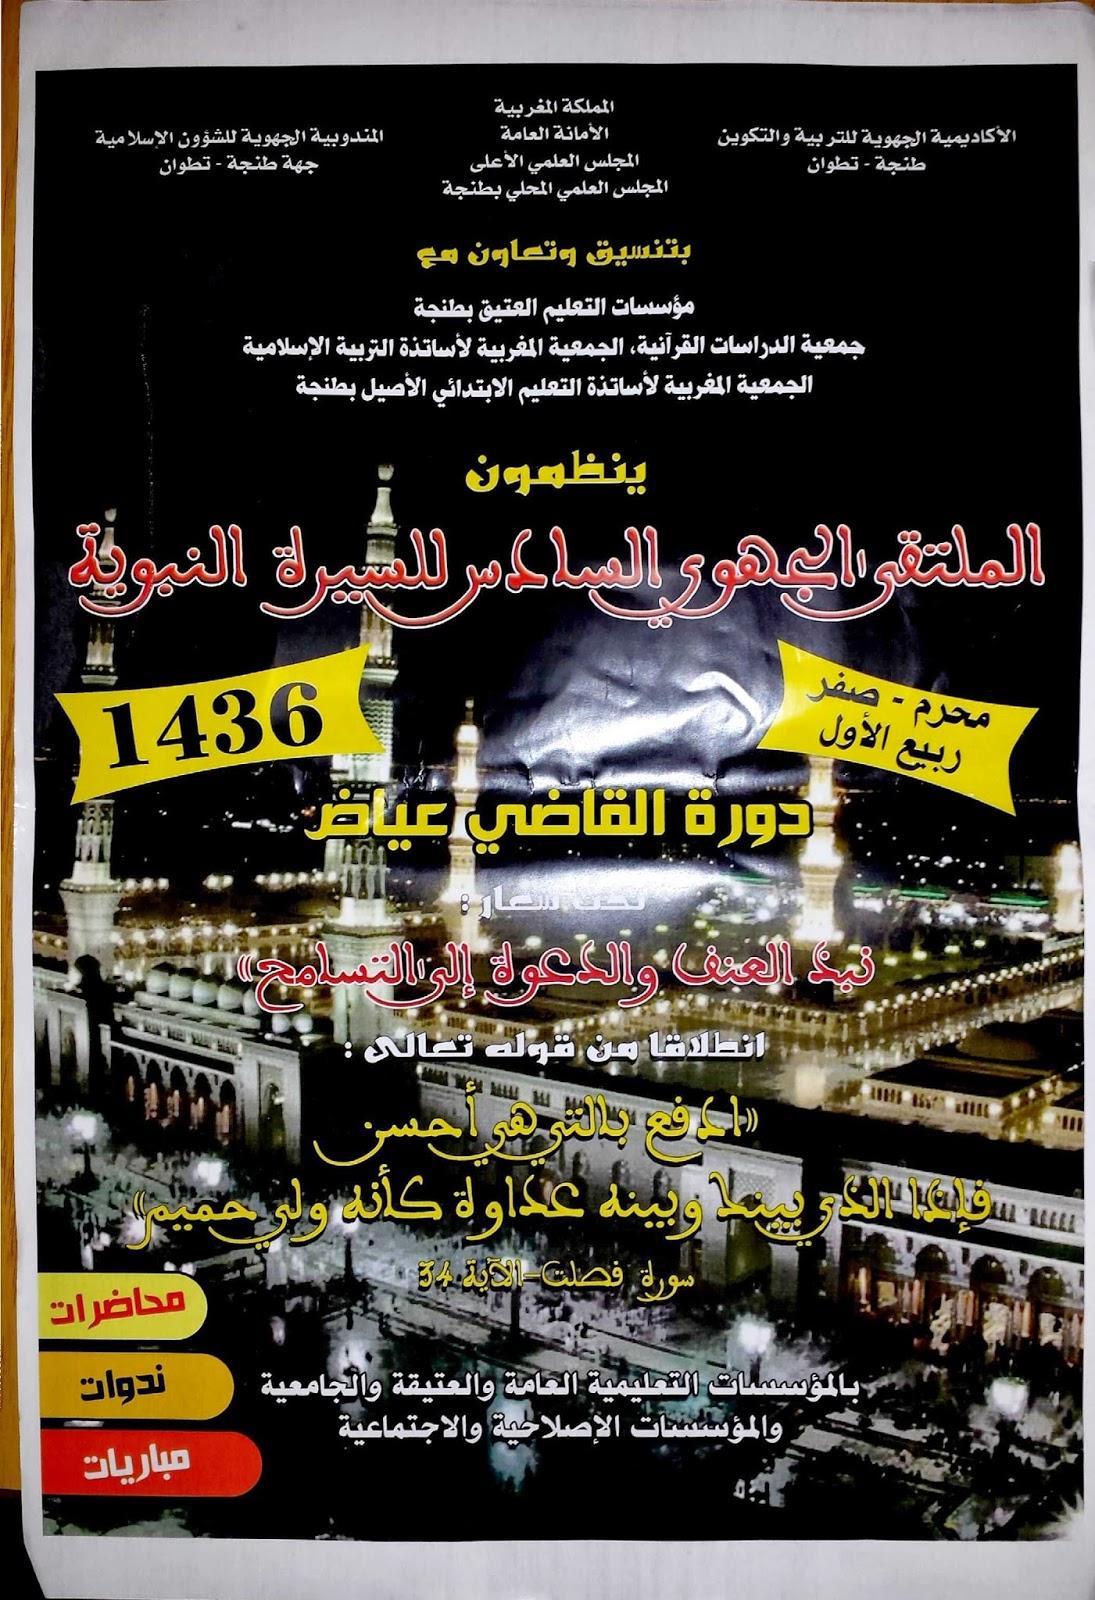 جهة طنجة تطوان: الملتقى الجهوي السادس للسيرة النبوية